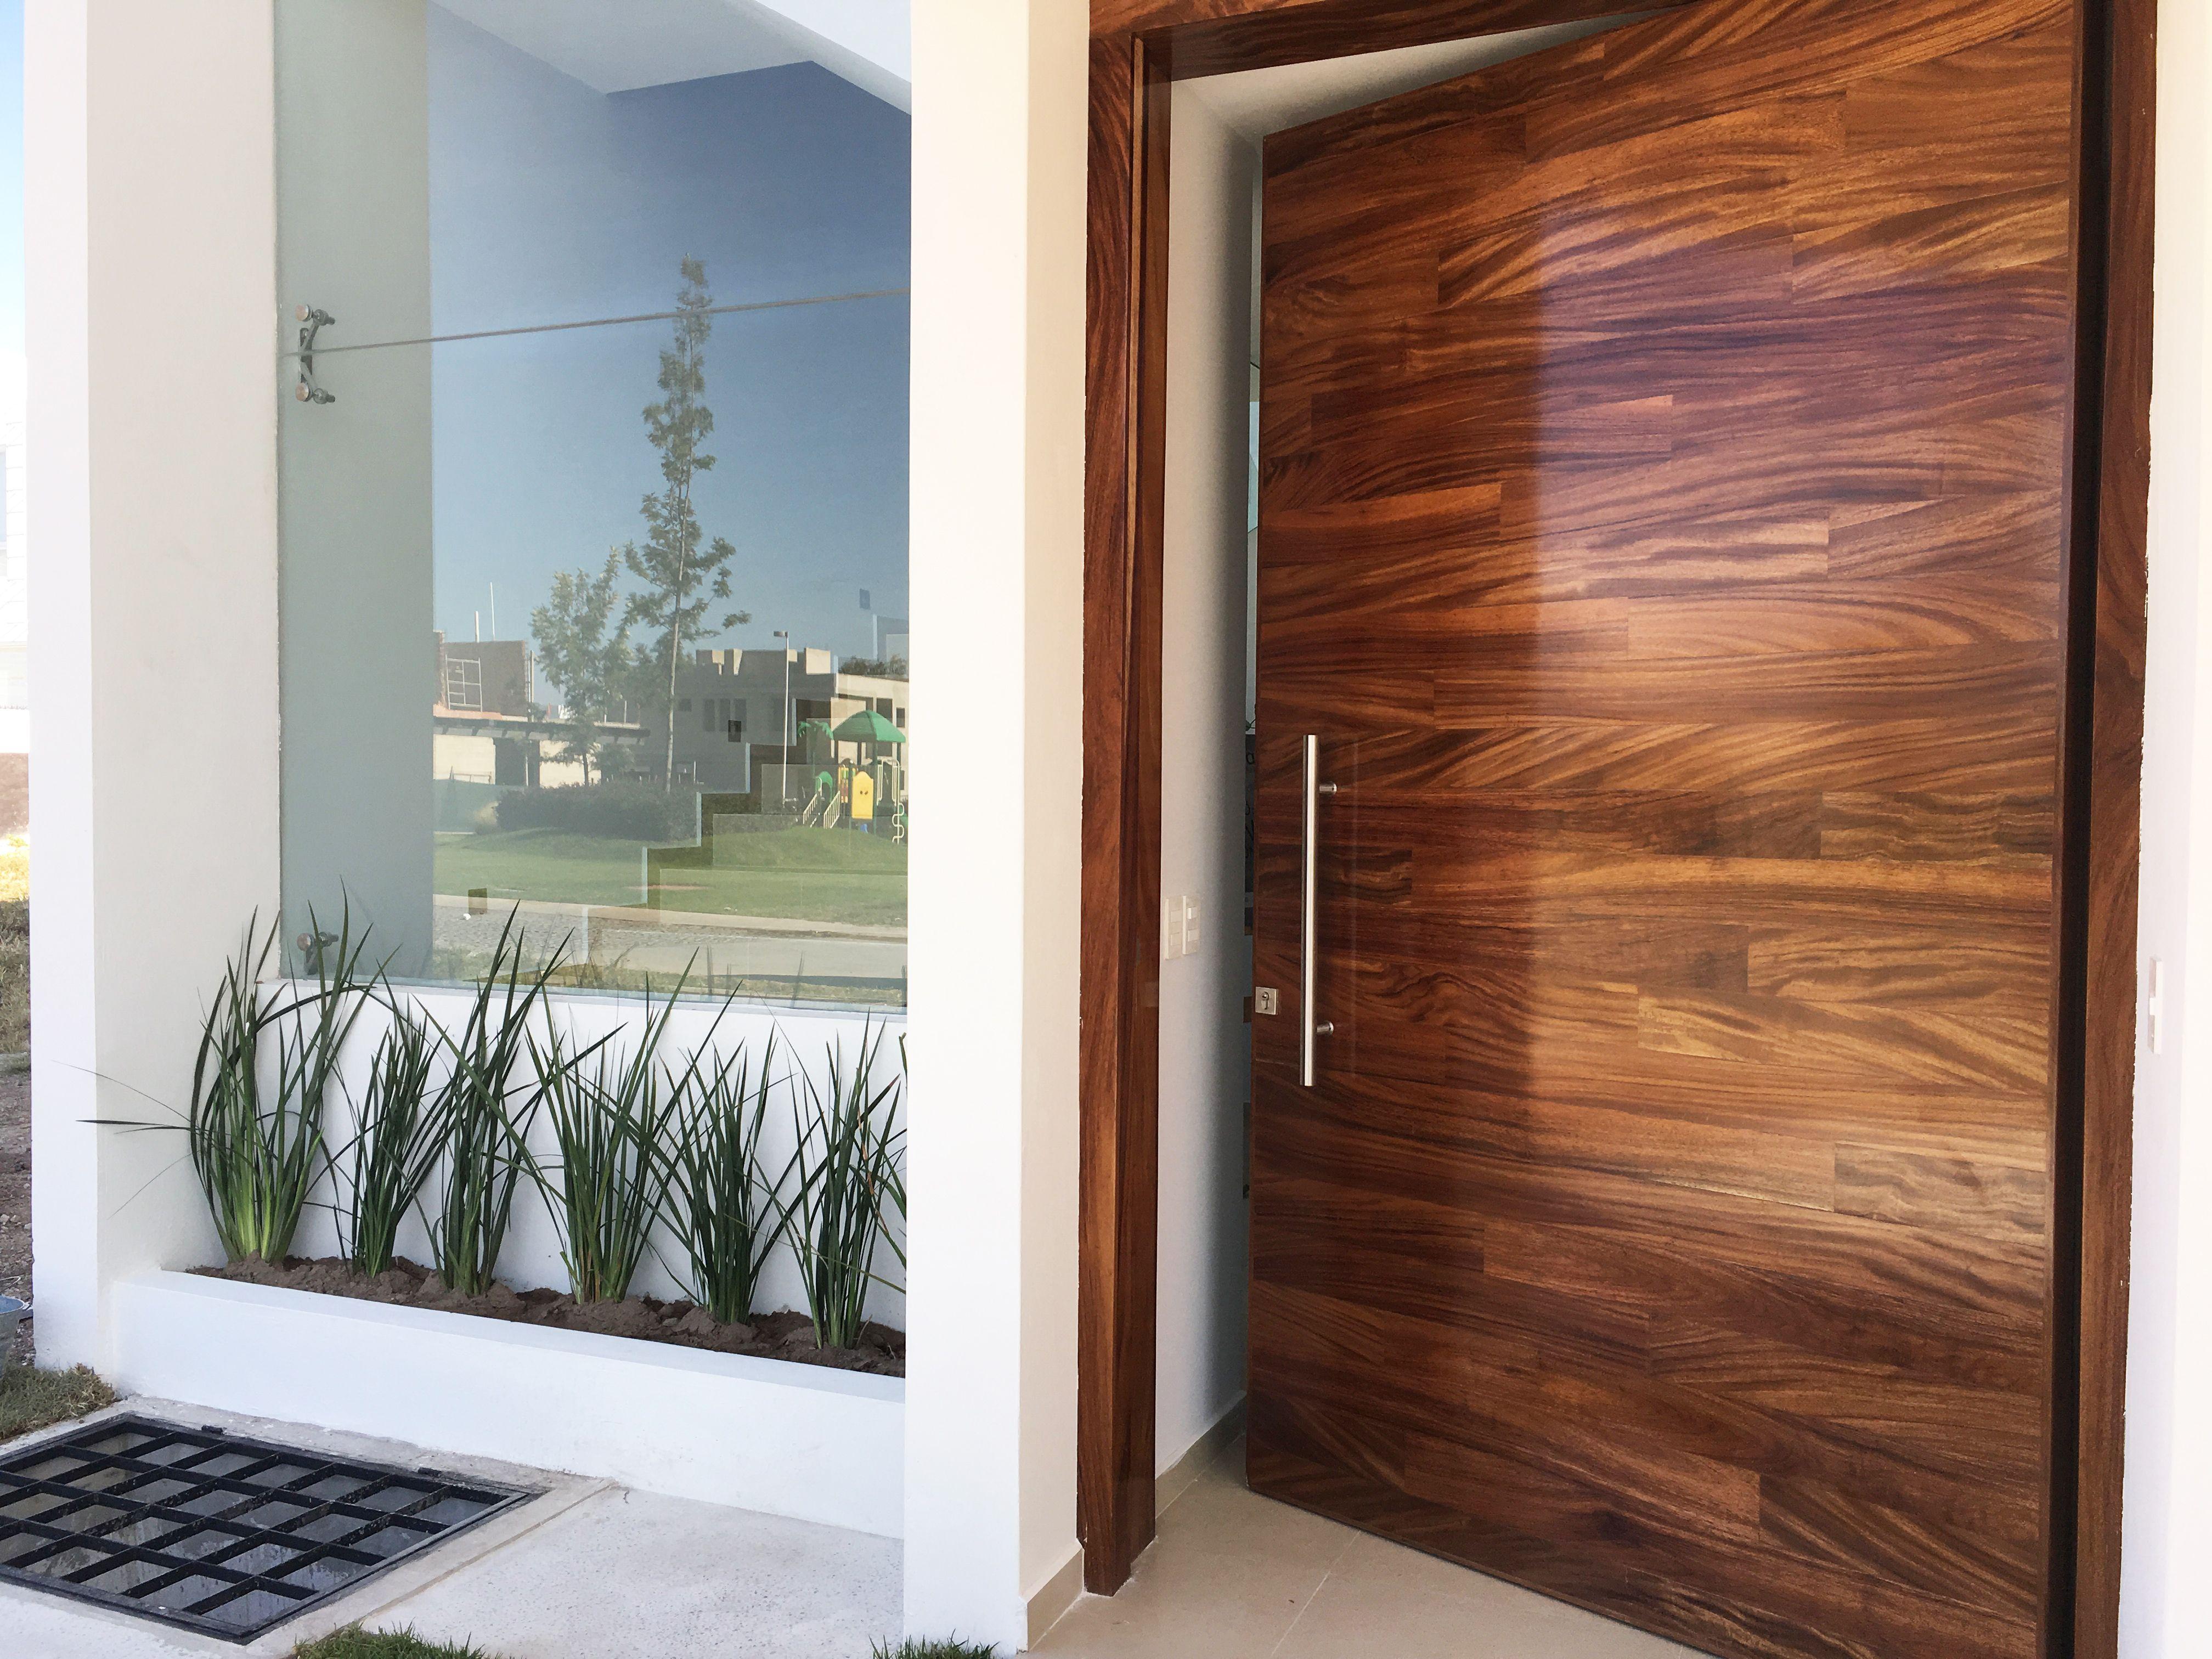 Puerta madera parota punto sur residencial planlife edificaciones casa parota fracc punto - Puertas principales de madera ...